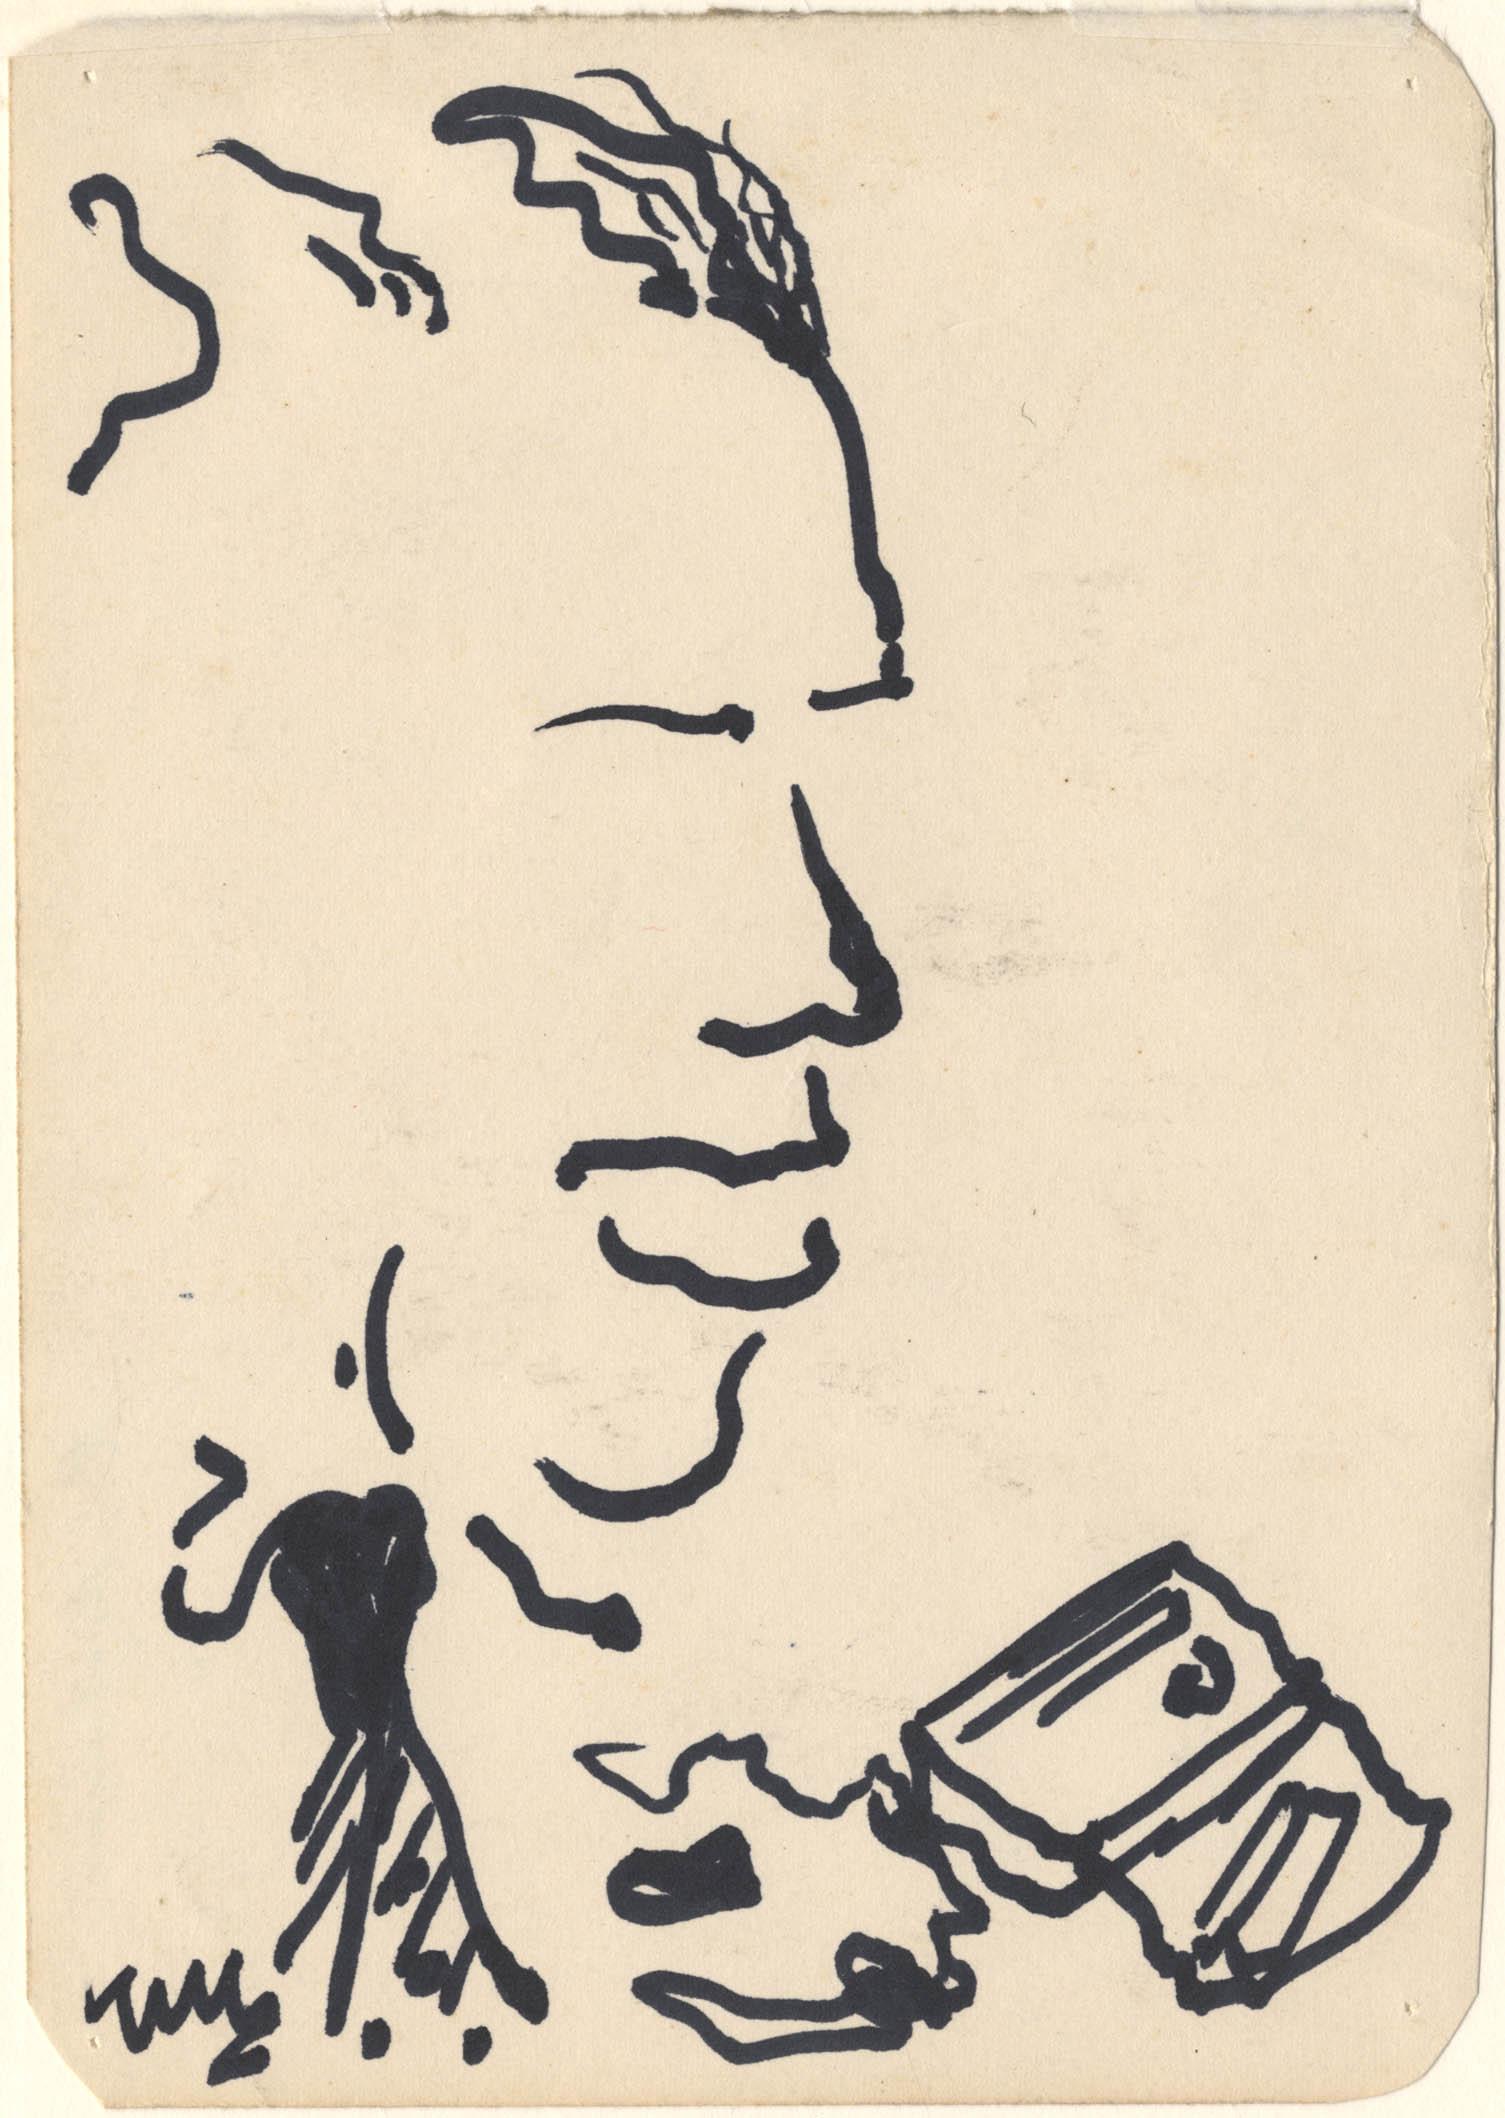 Het portret van een man, voor hem ligt een pakje shag met vloei